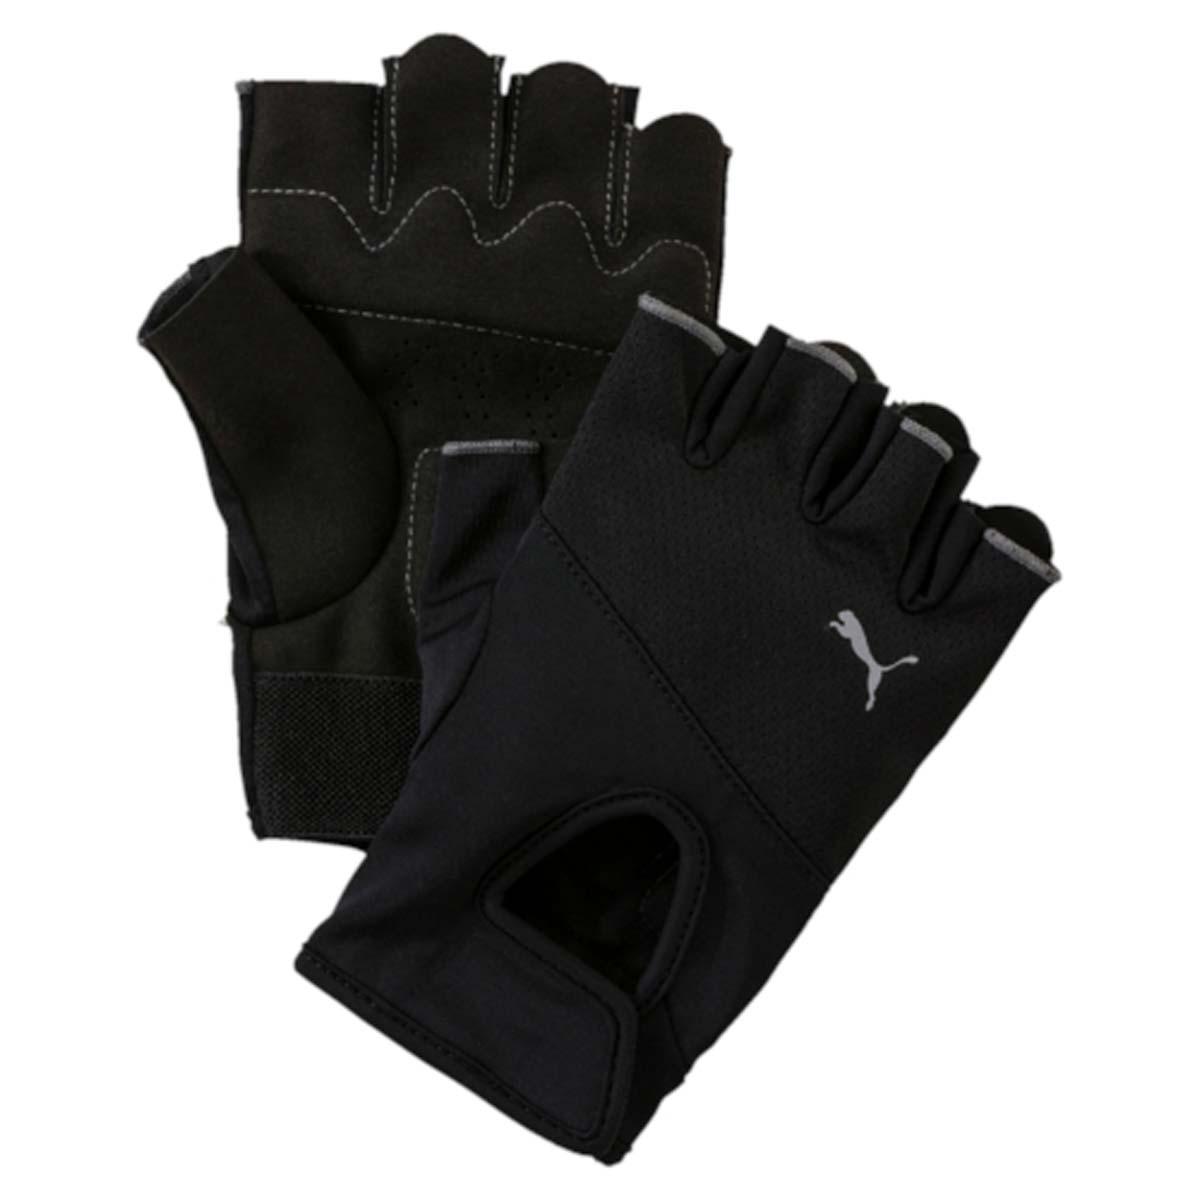 Перчатки для фитнеса Puma Tr Gloves, цвет: черный. 04129501. Размер L (10)04129501Перчатки Puma Tr Gloves предназначены для защиты рук во время занятия спортом. Мягкий верх на основе современного высокотехнологичного полиэстера и нейлона оснащен уплотненными подушечками на ладони для максимального комфорта. У модели рукоятки из тесьмы со вставками для ладоней, нескользящие вставки для комфорта, долговечности и удобства захвата.Регулируемая застежка-липучка для оптимальной поддержки.